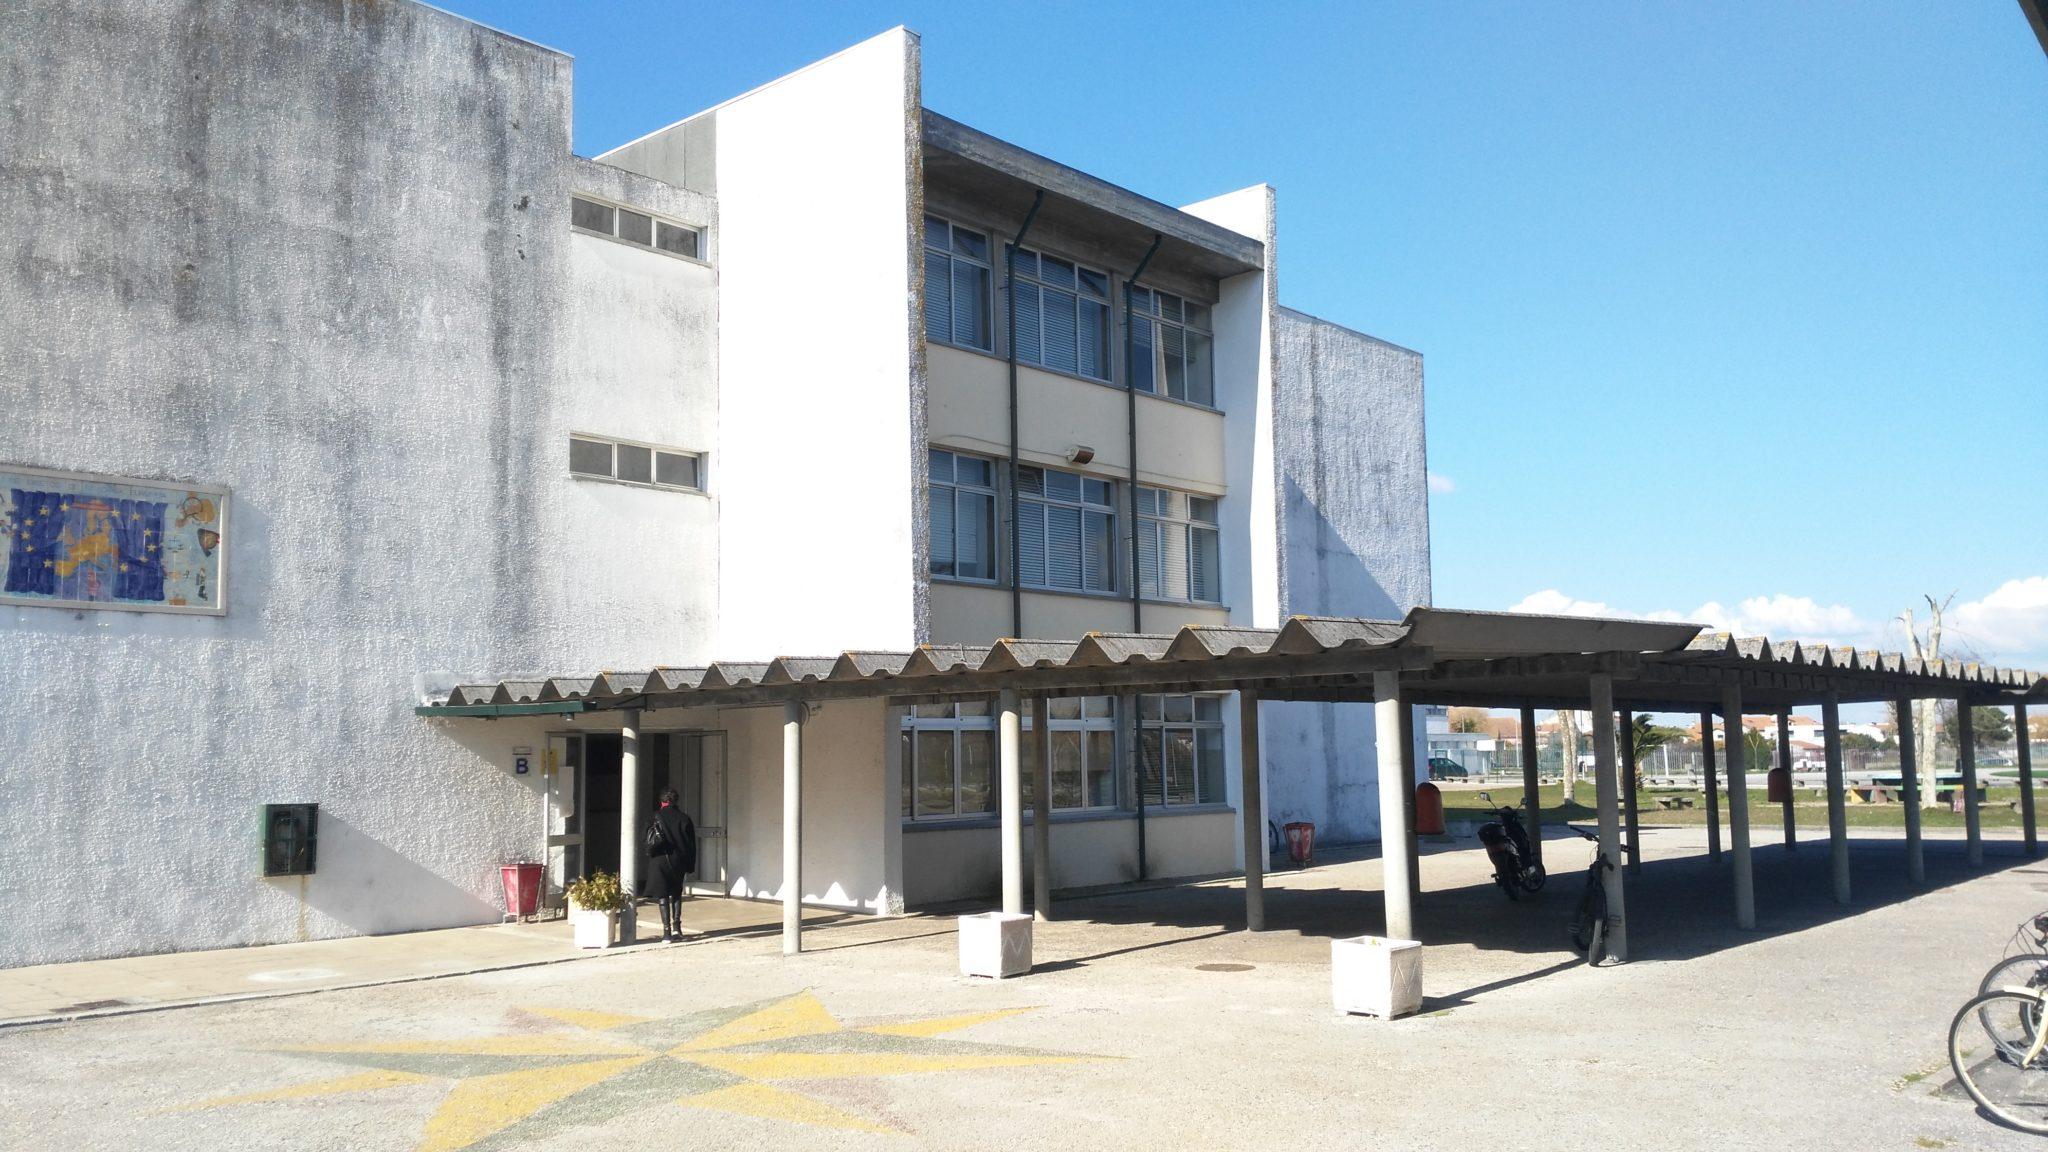 Foto 1- Ao entrar na nossa escola, existe um telheiro de amianto perigoso pelo facto de toda a comunidade escolar circular por lá.